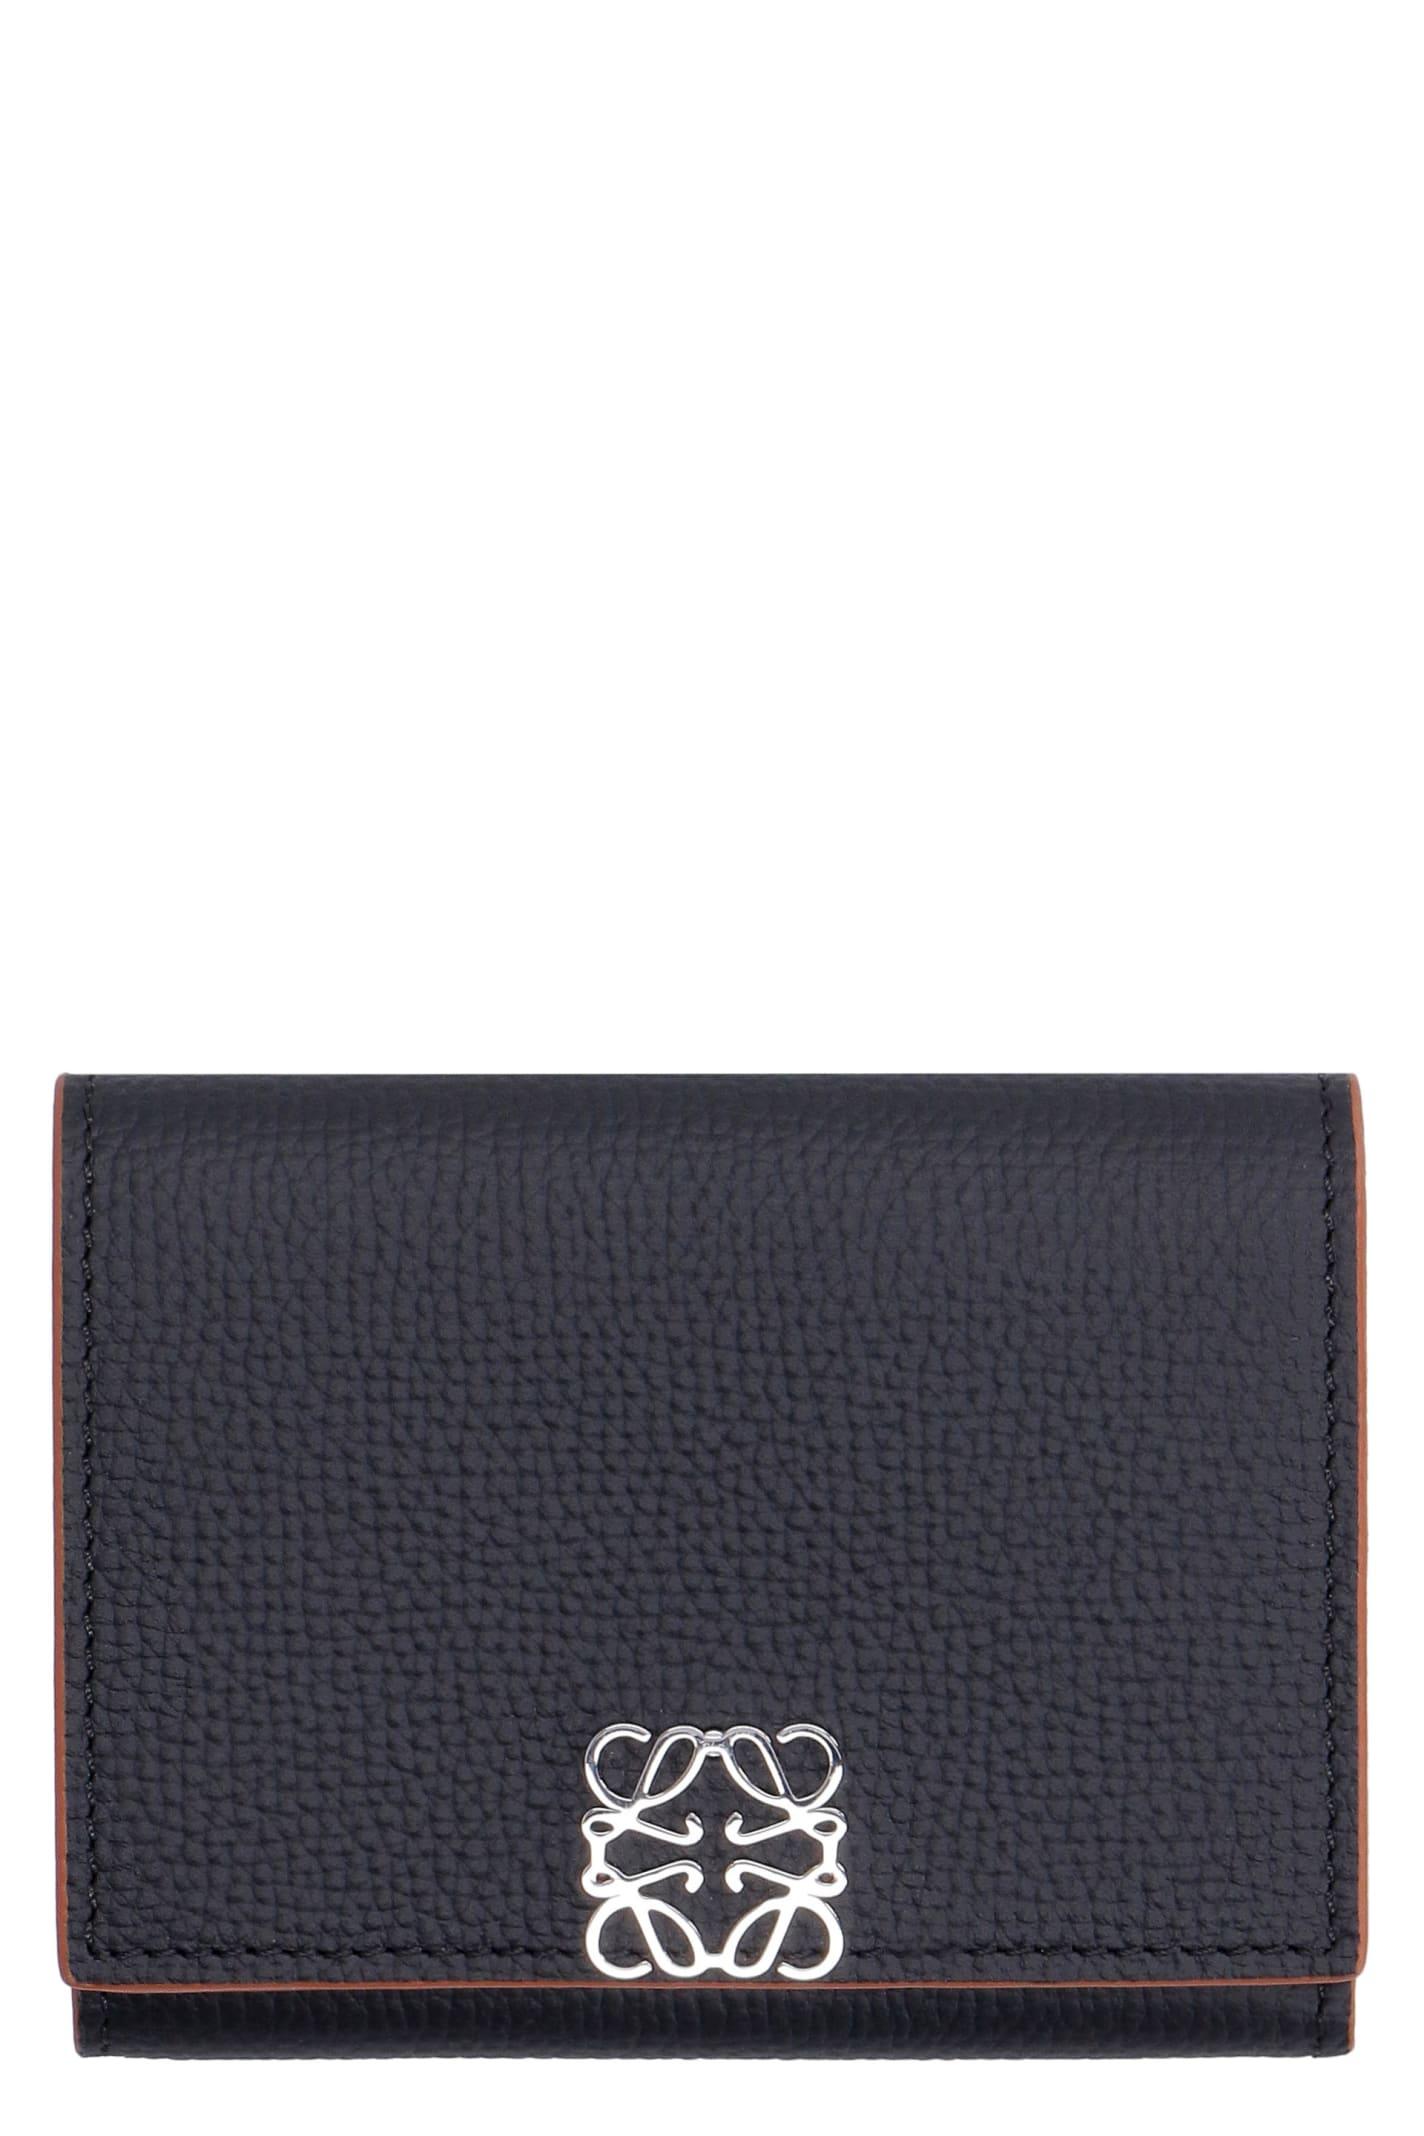 Loewe Grainy Leather Wallet